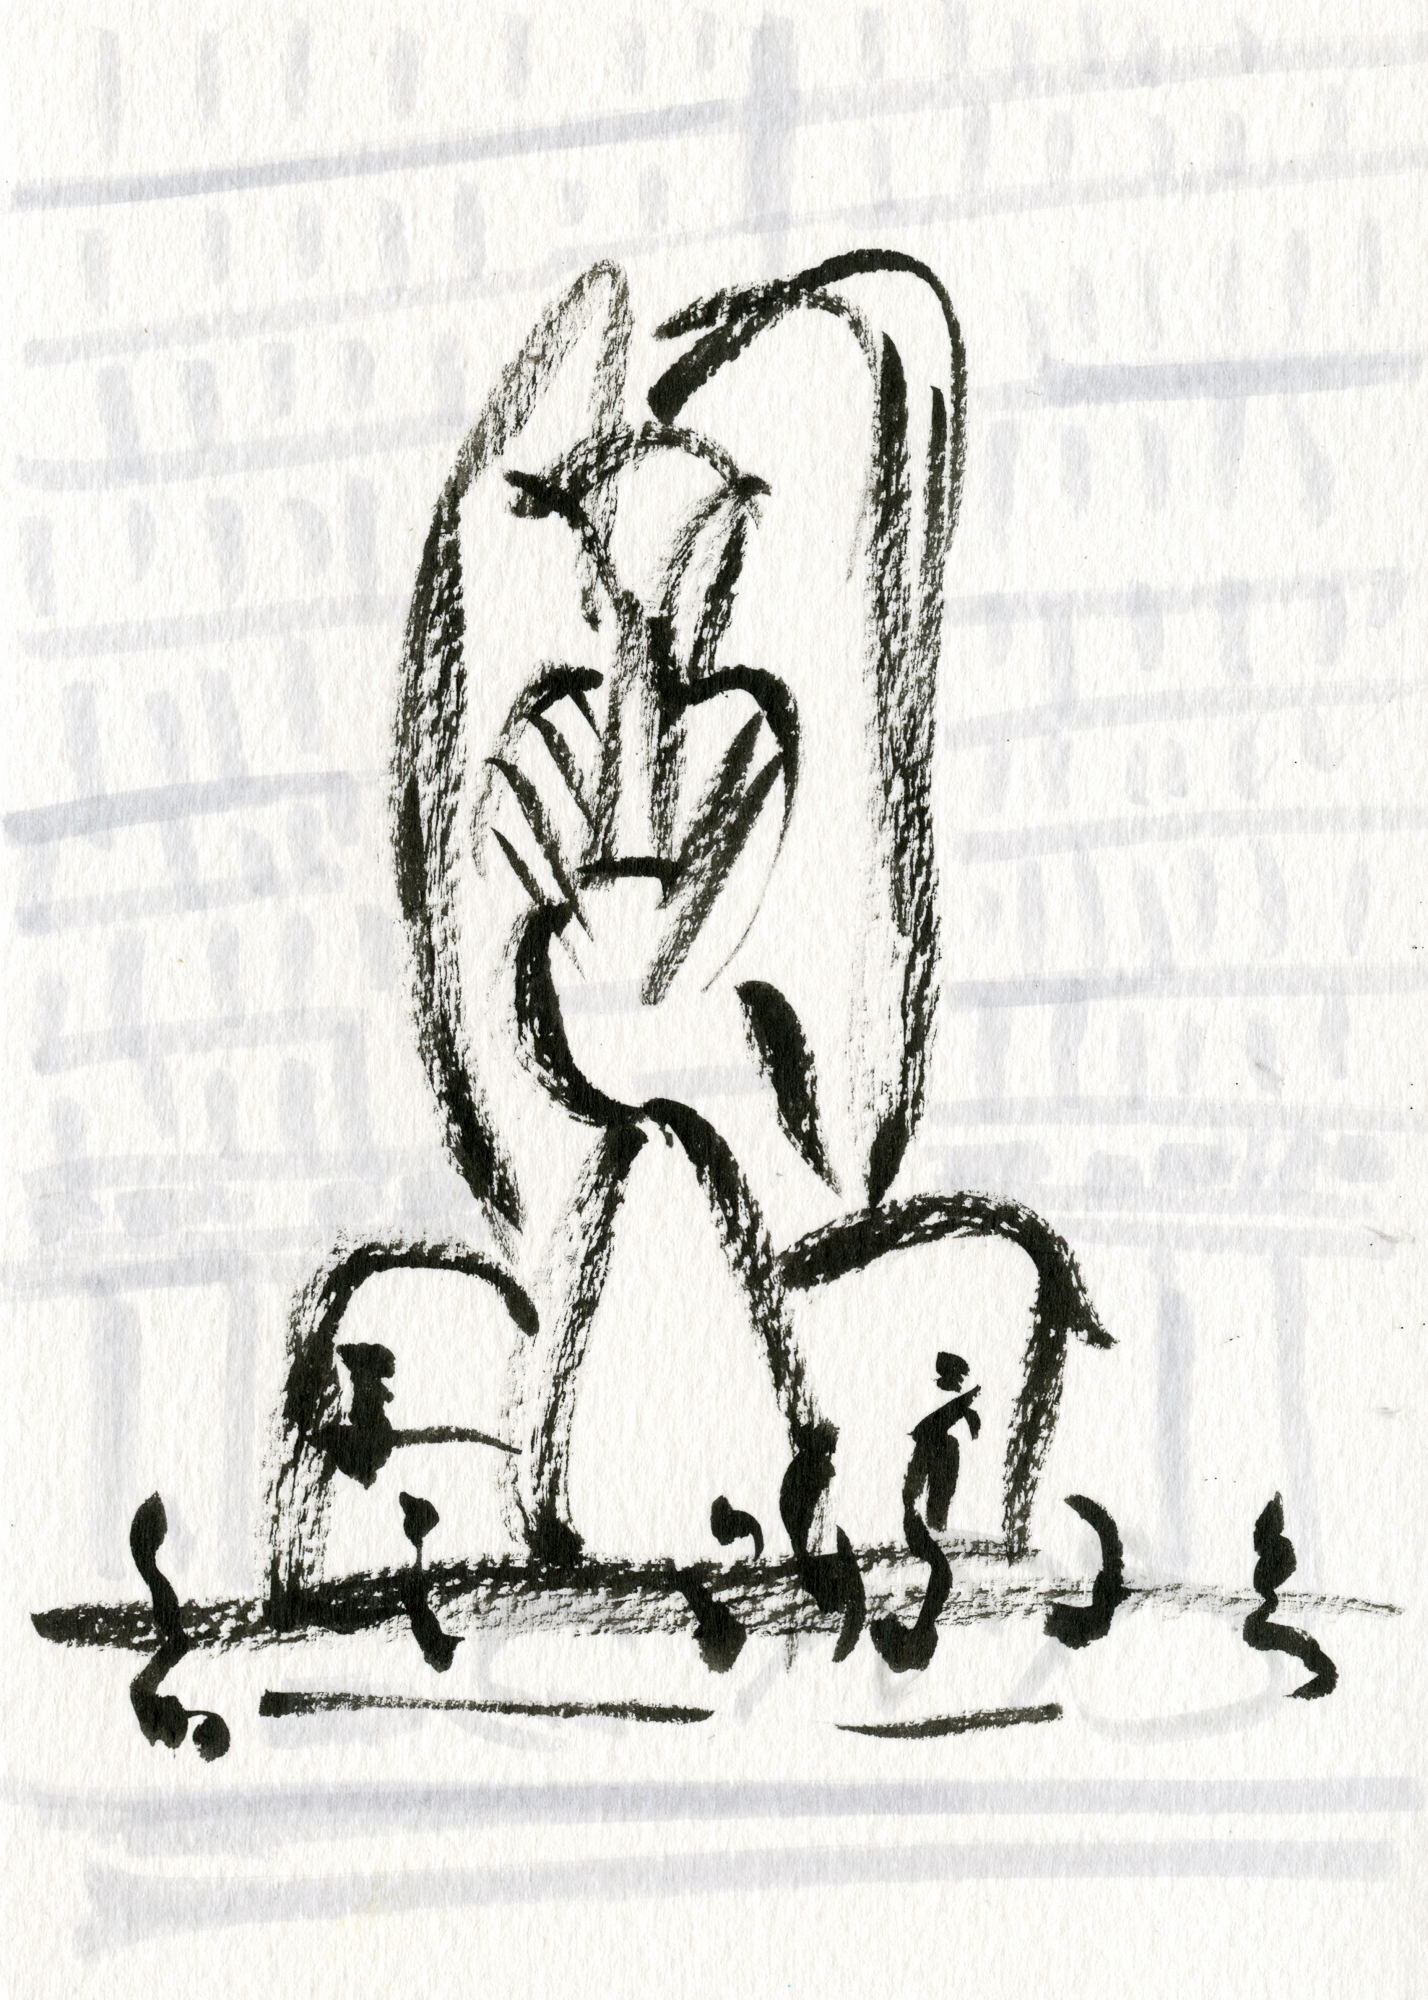 Chicago Picasso Postcard No. 4